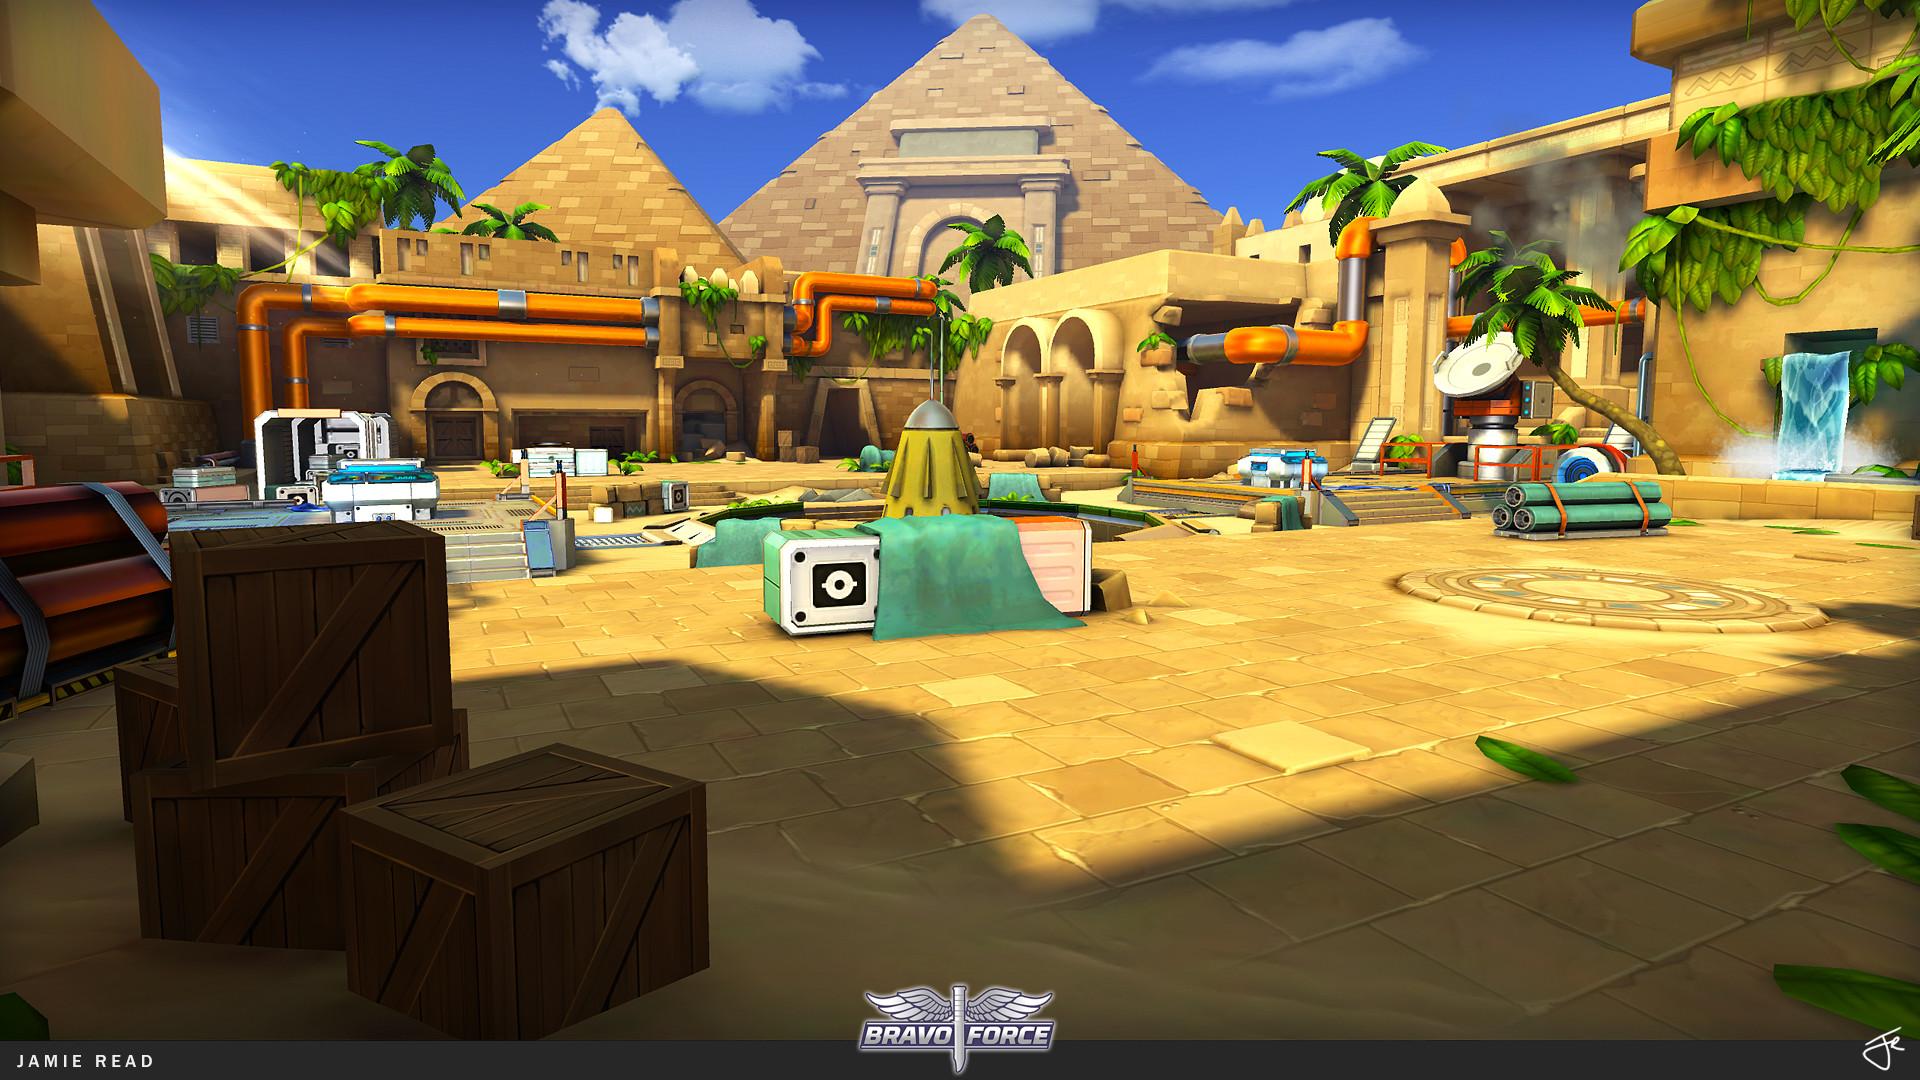 Jamie rex portfolio bravoforce arena egypt 02